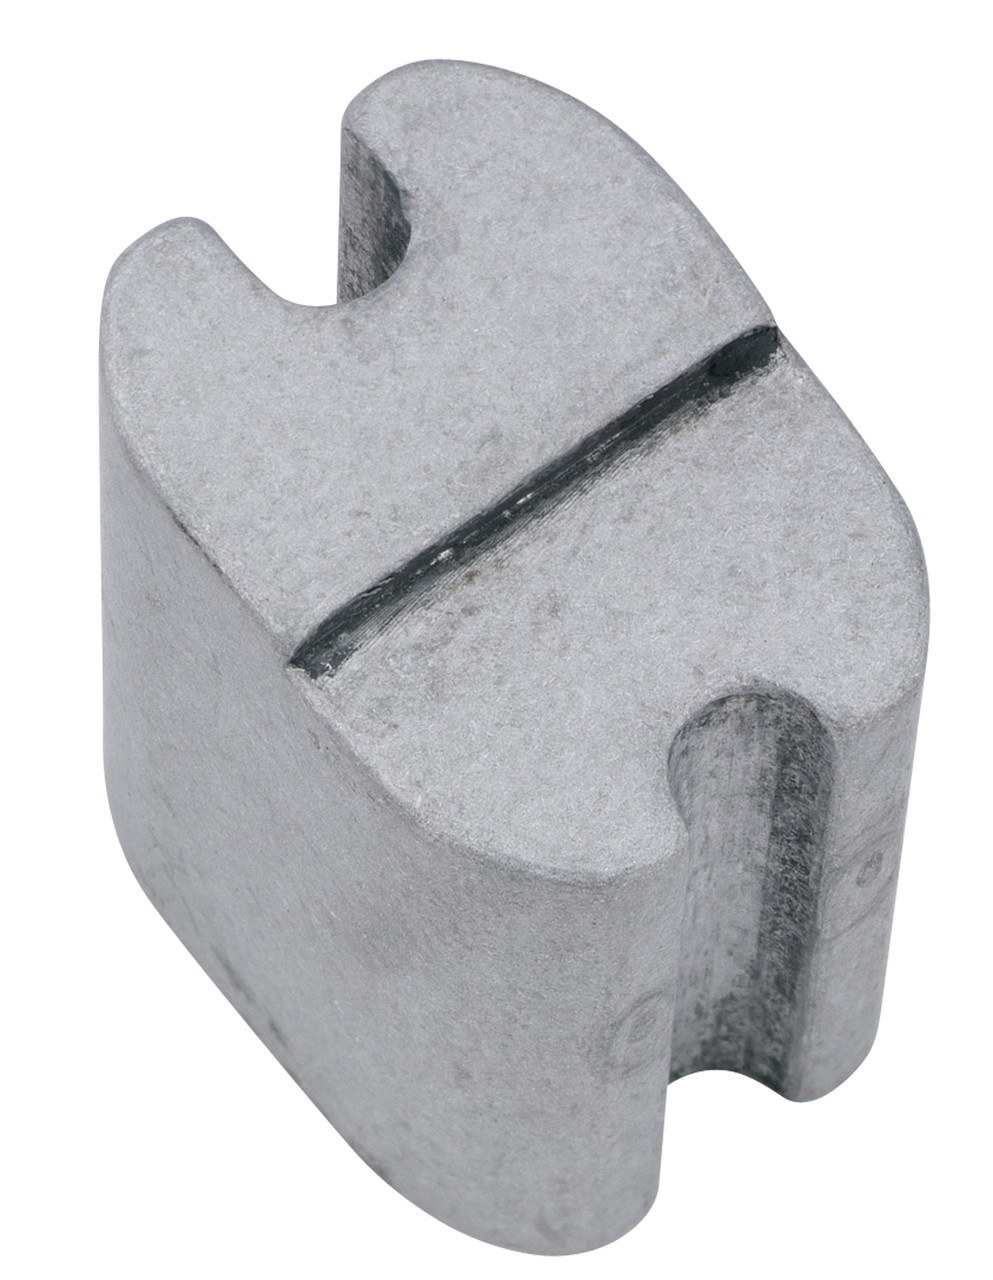 Ives Floor Stops Dome Stop Riser For Fs436 R435 Lockandhinge Com